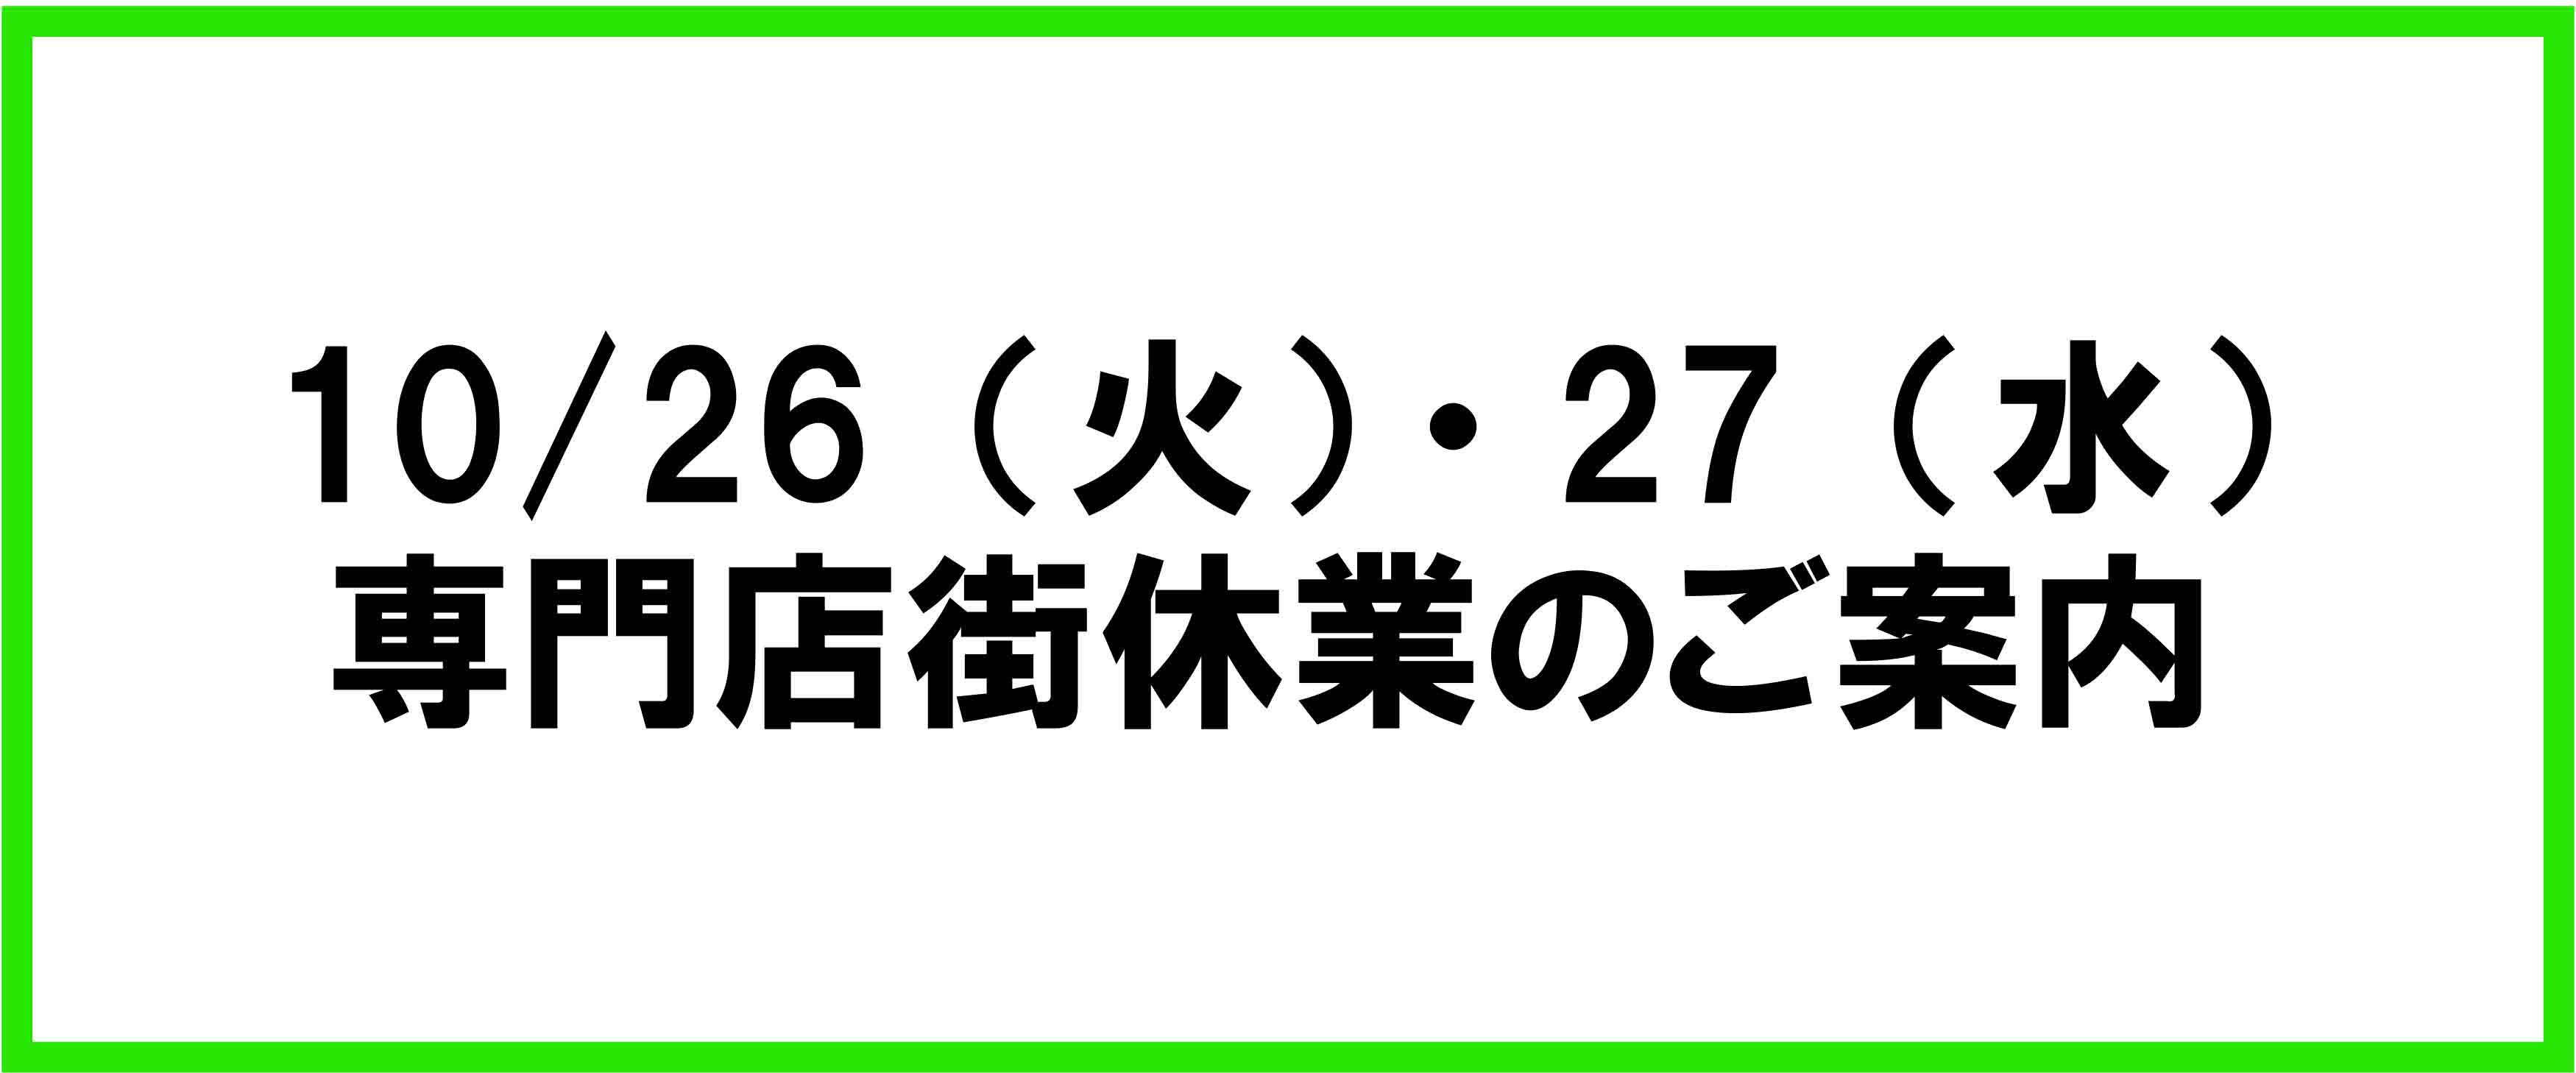 10/26(火)・27(水)専門店街休業のご案内